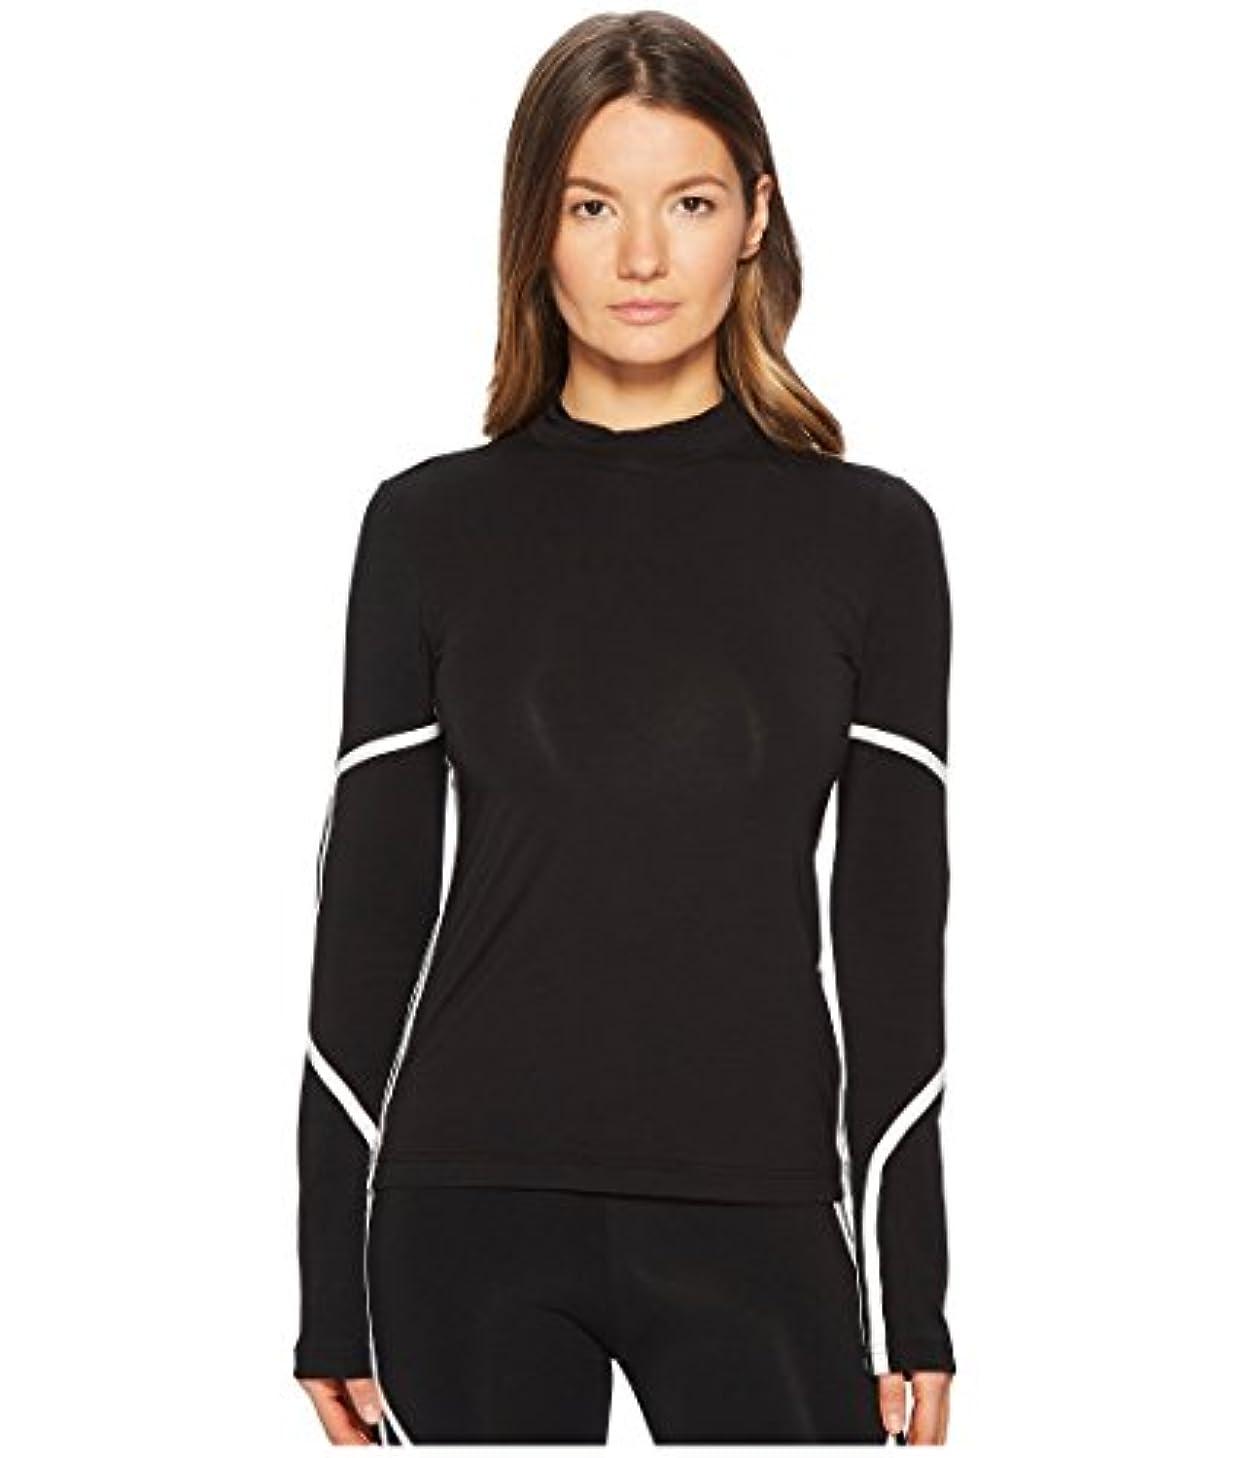 キルス分子パワー(アディダス) adidas レディースタンクトップ?Tシャツ Mesh Long Sleeve Tee Black/Core White S